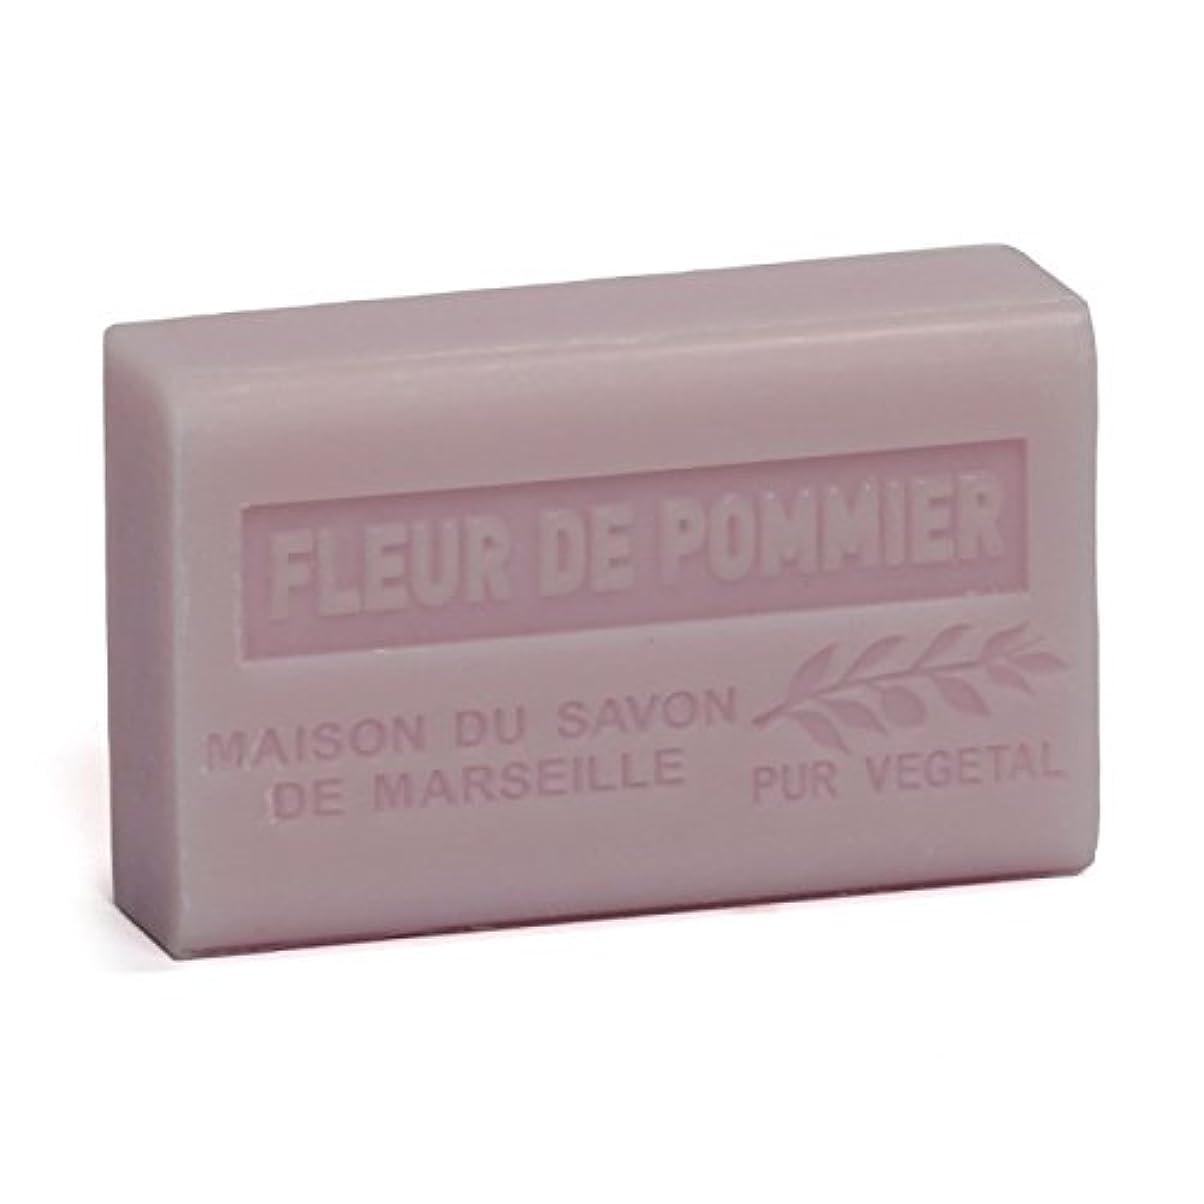 権利を与える会社比率Savon de Marseille Soap Apple Blossom Shea Butter 125g